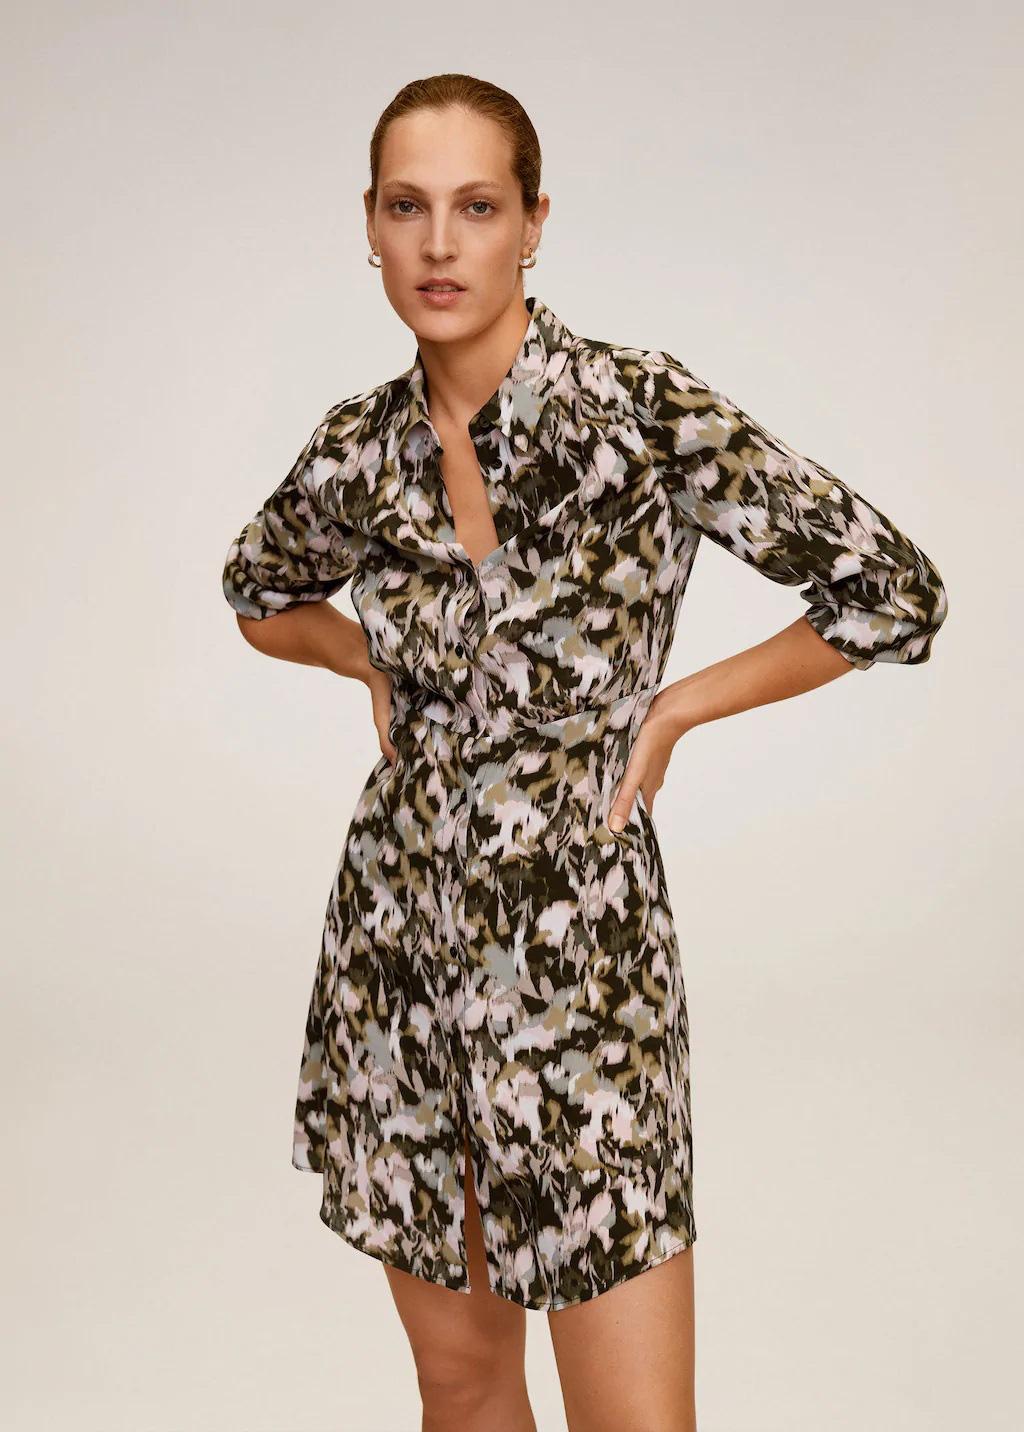 Cùng diện váy Chanel, Yoona đẹp hơn mẫu hãng còn Tống Thiến lại lên đồ theo cách chẳng ai ngờ - Ảnh 9.